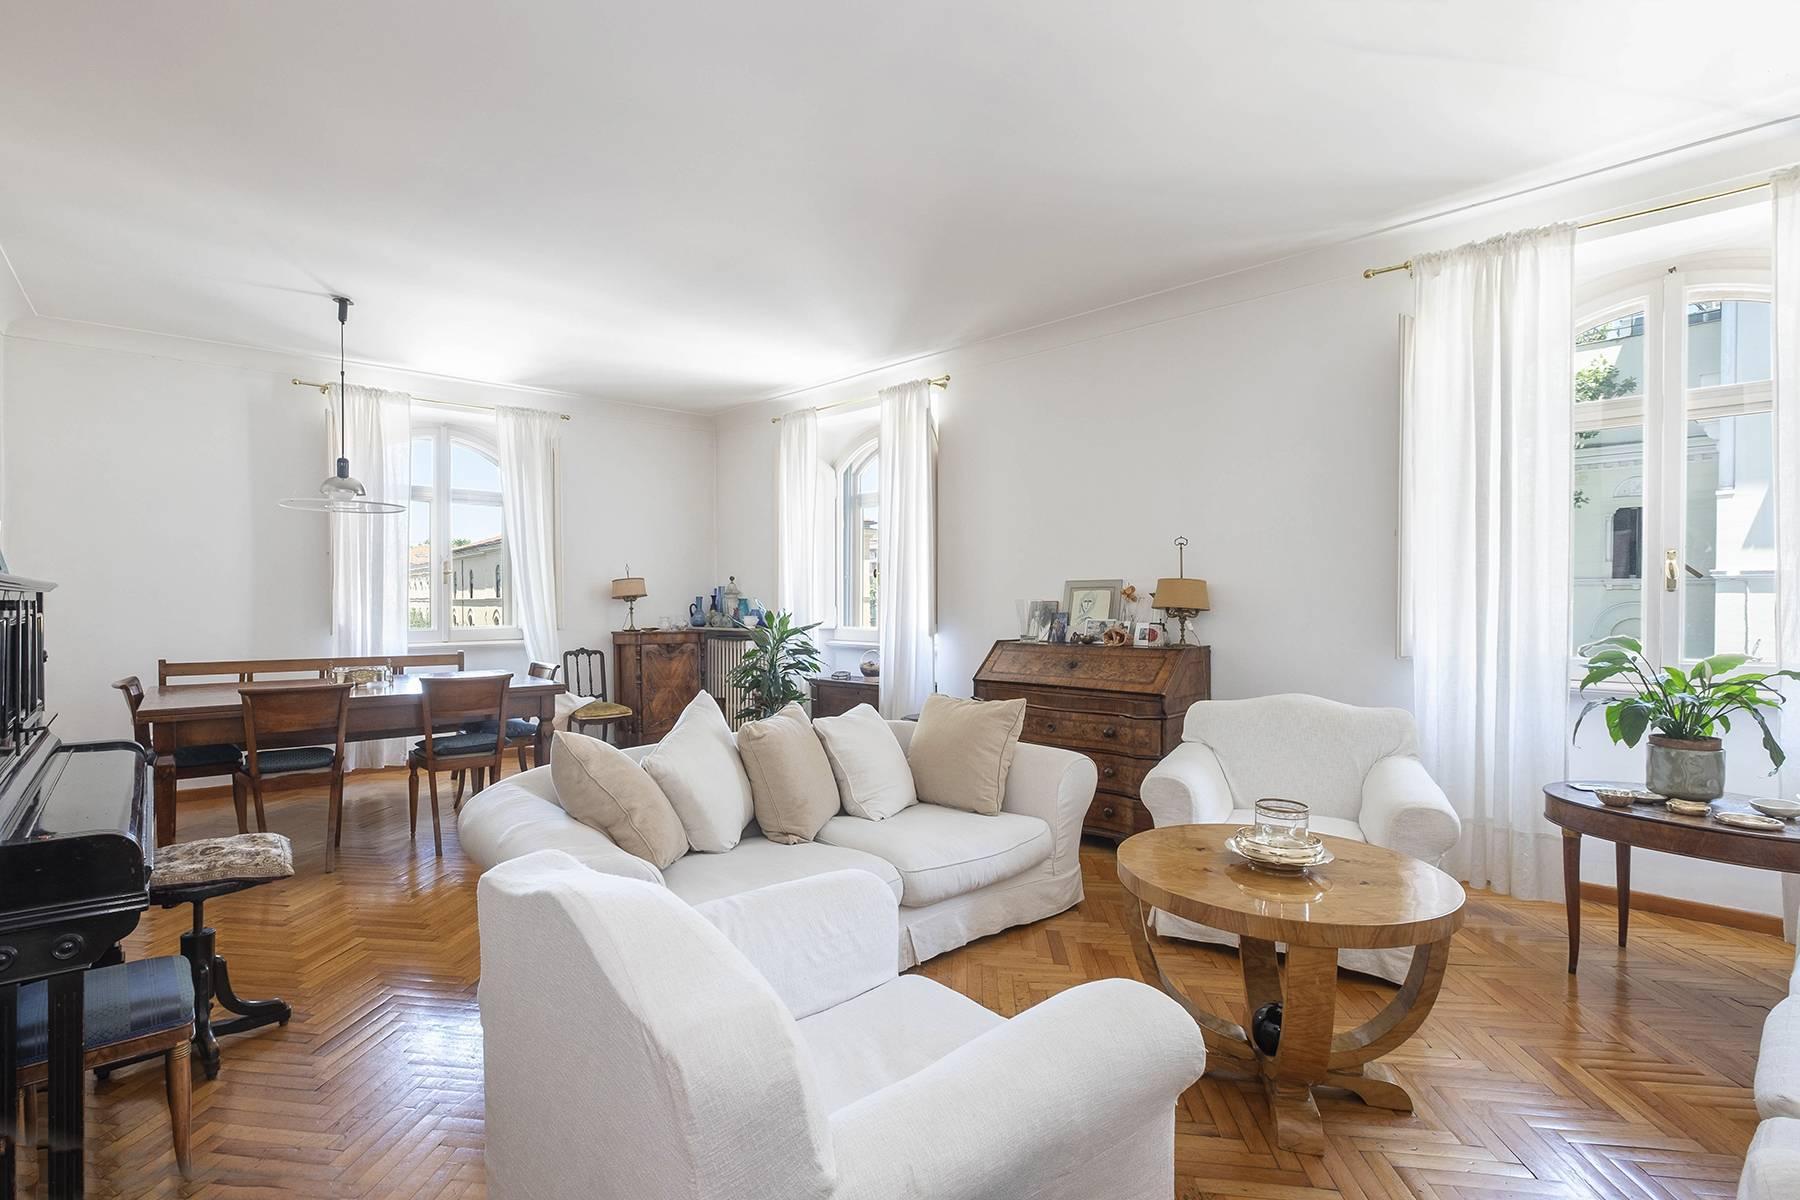 Elegante Wohnung im Stadtviertel Prati - 3